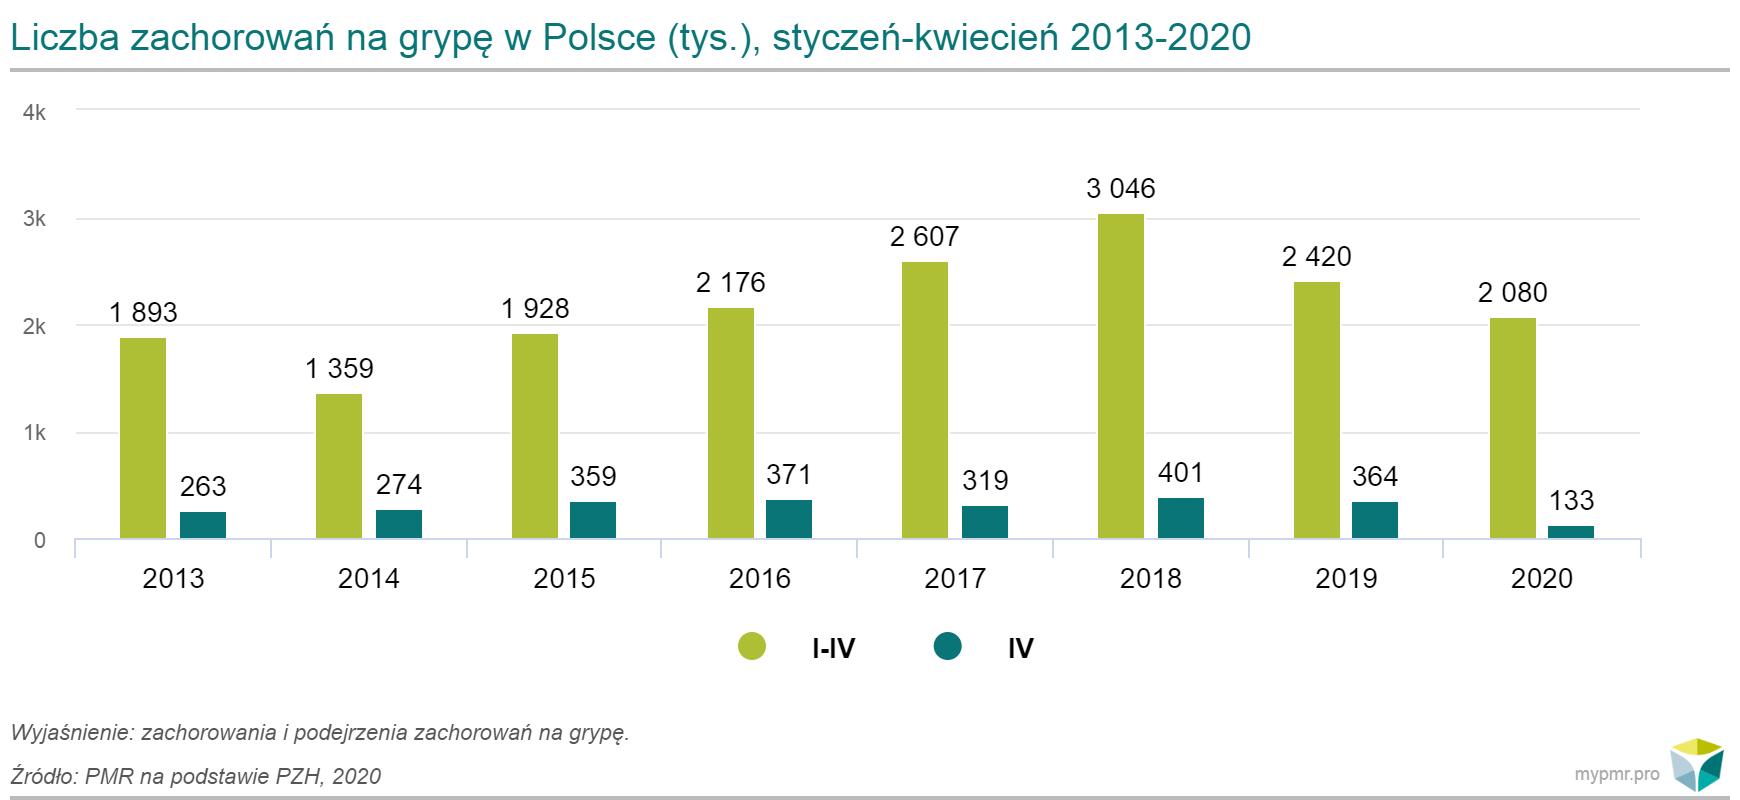 liczba-zachorowan-na-grype-w-polsce-styczen-kwiecien-2013-2020